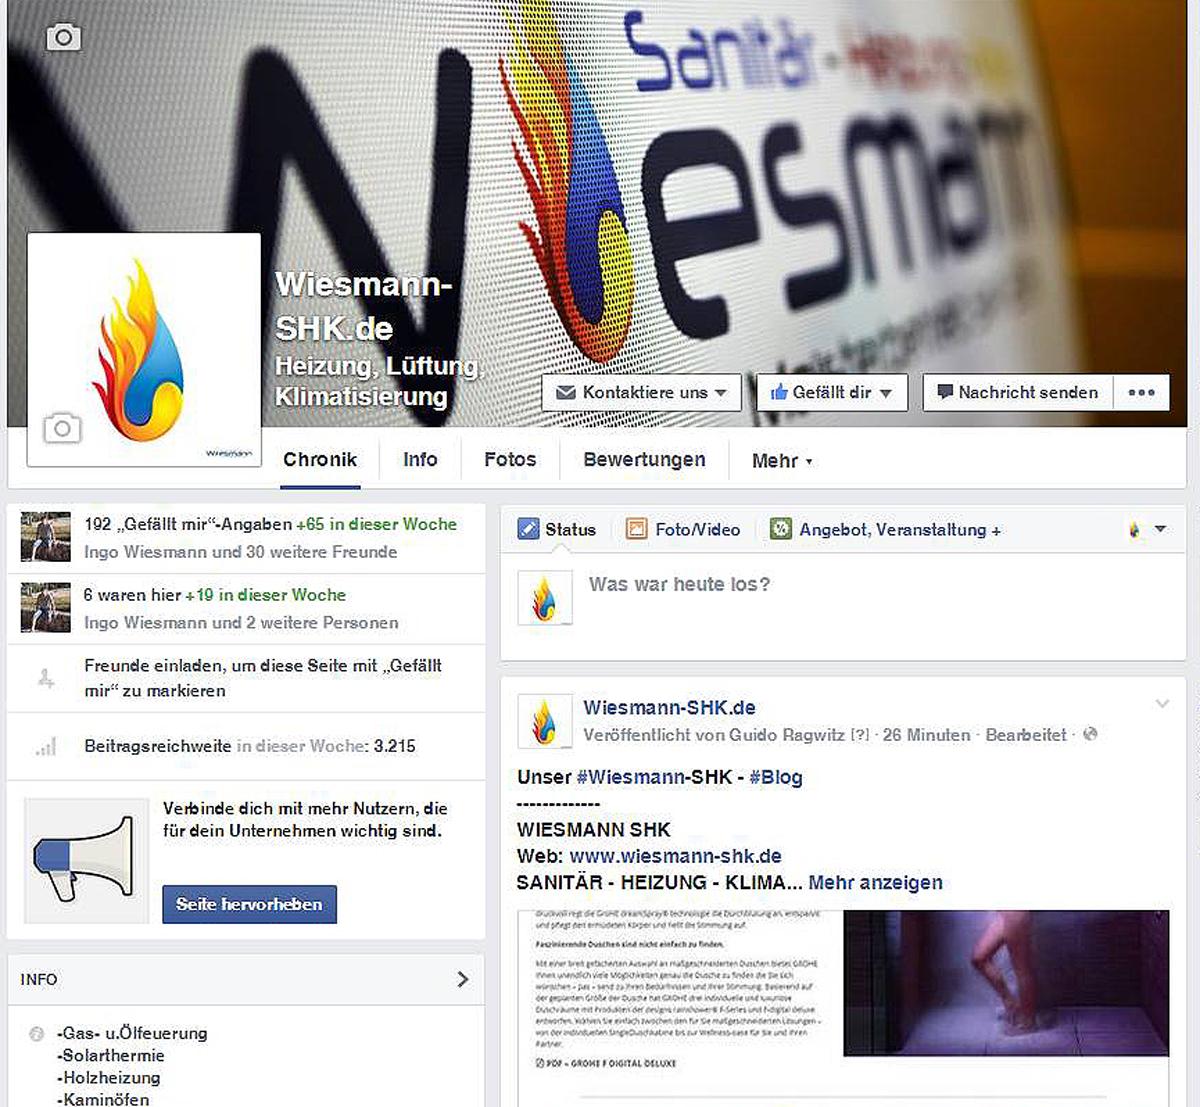 Facebook Wiesmann-SHK